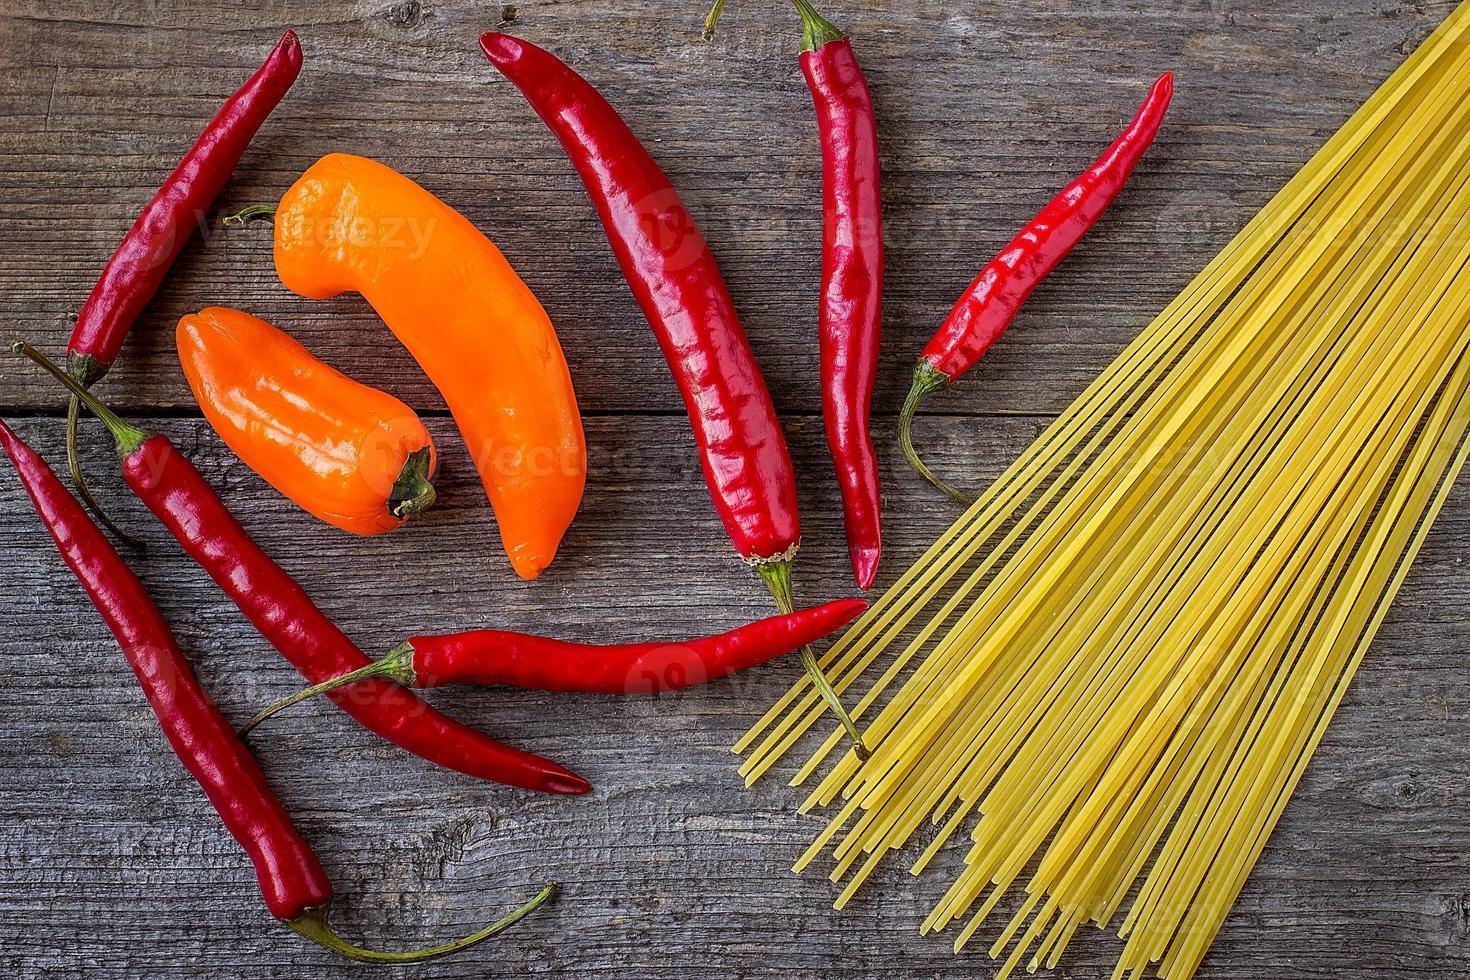 röd paprika och spaghetti på gamla träbord foto